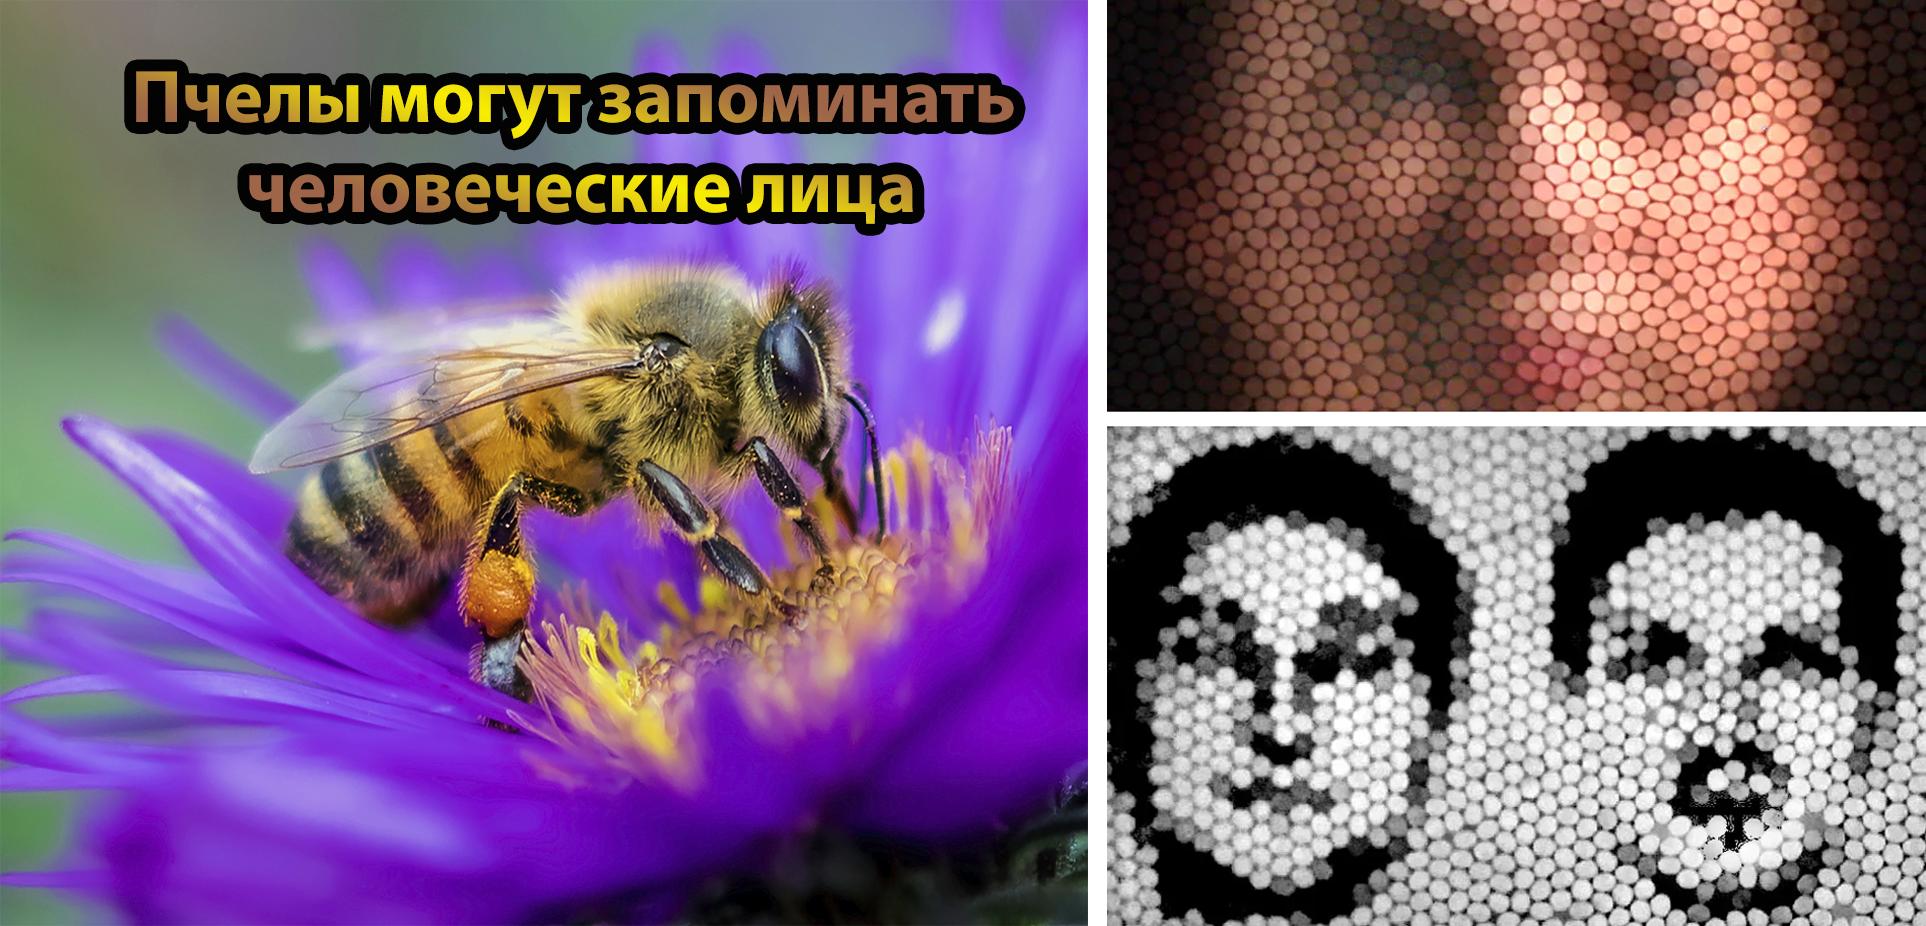 8 фактов о пчелах, маленьких тружениках, которые стоят того, чтобы немножко удивиться